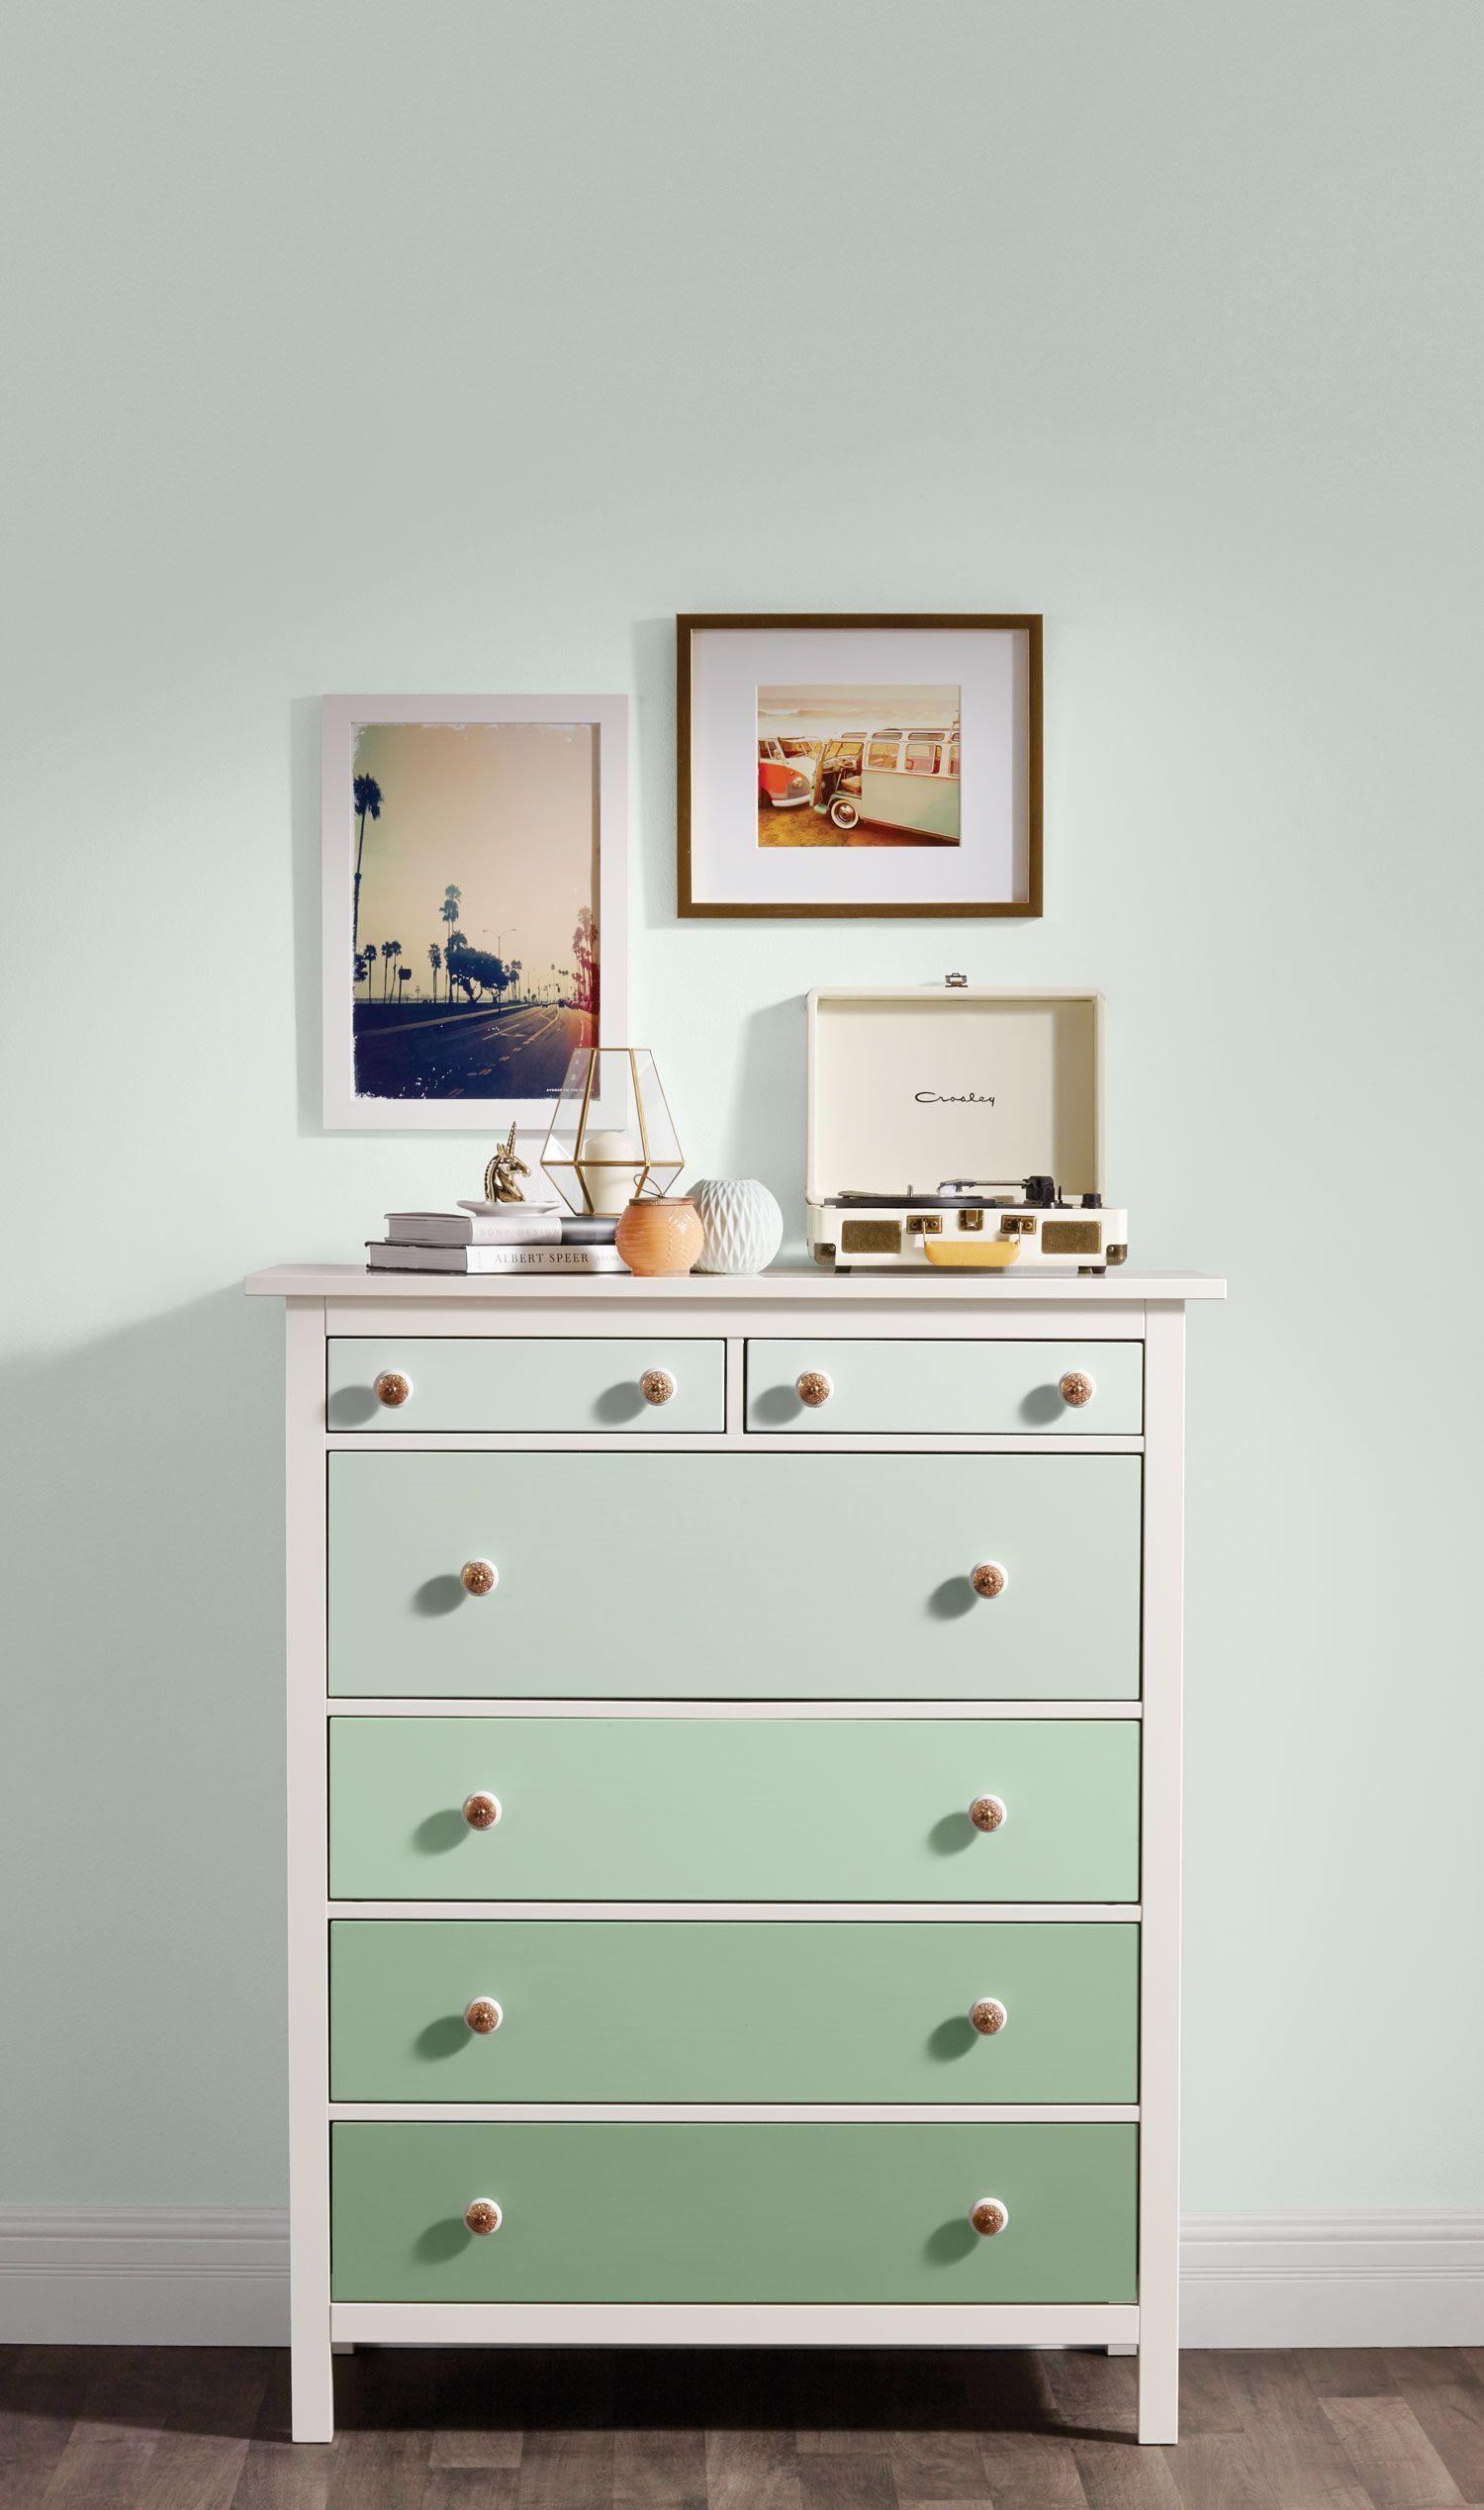 peinture sico notre peinture d int rieur pour meubles et. Black Bedroom Furniture Sets. Home Design Ideas